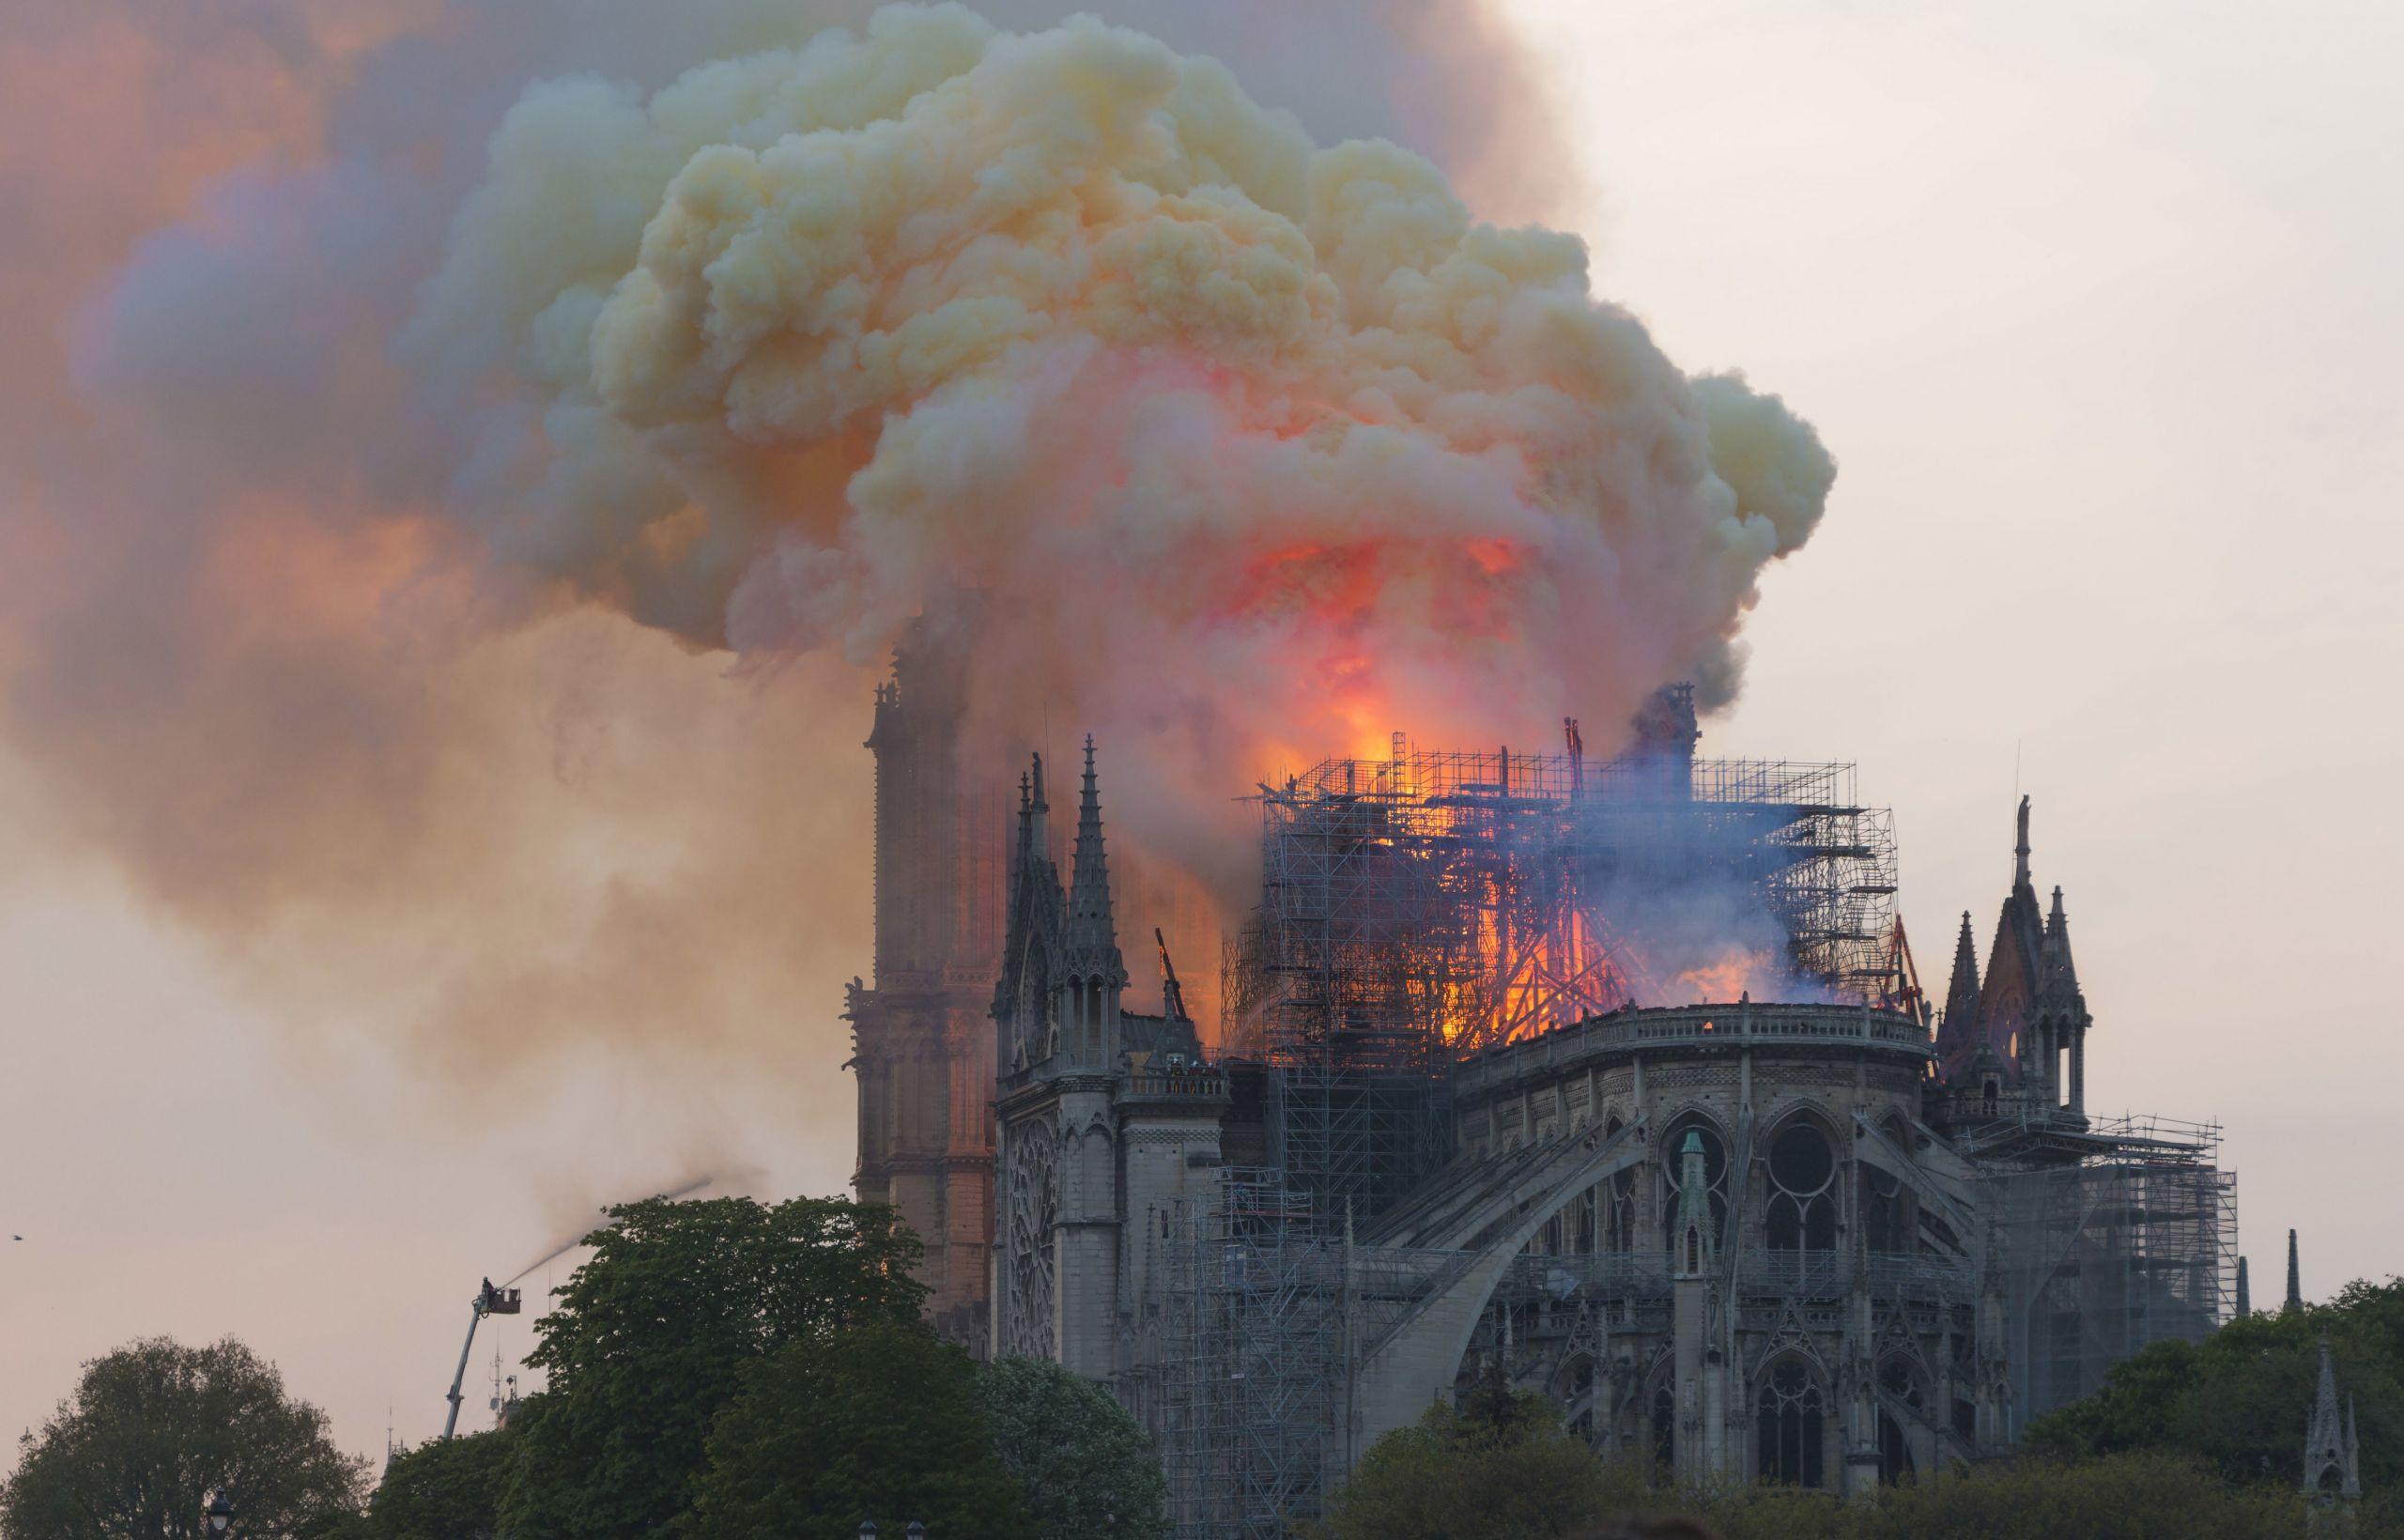 Η πυρκαγιά στην Παναγία των Παρισίων που σόκαρε την Γαλλία και τον κόσμο